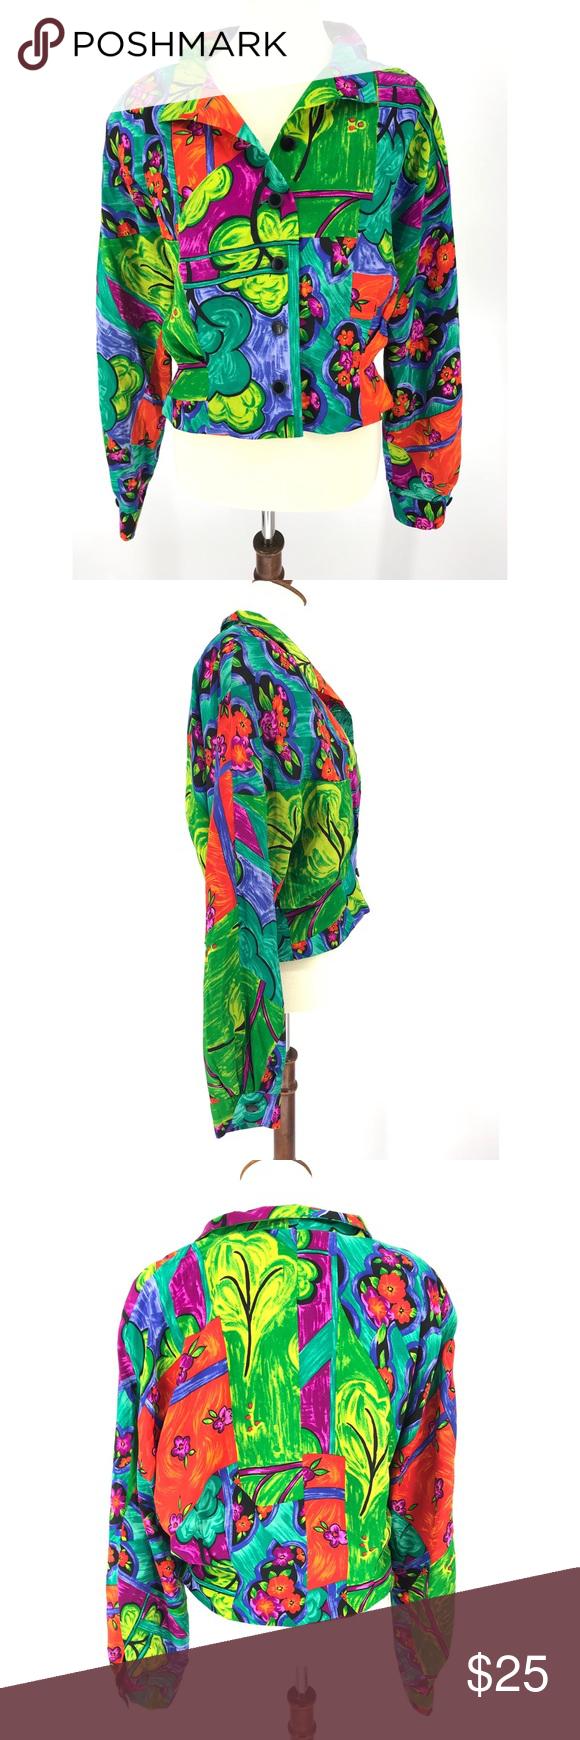 Vtg 80s Doncaster Jacket Colorful Trees Floral Super